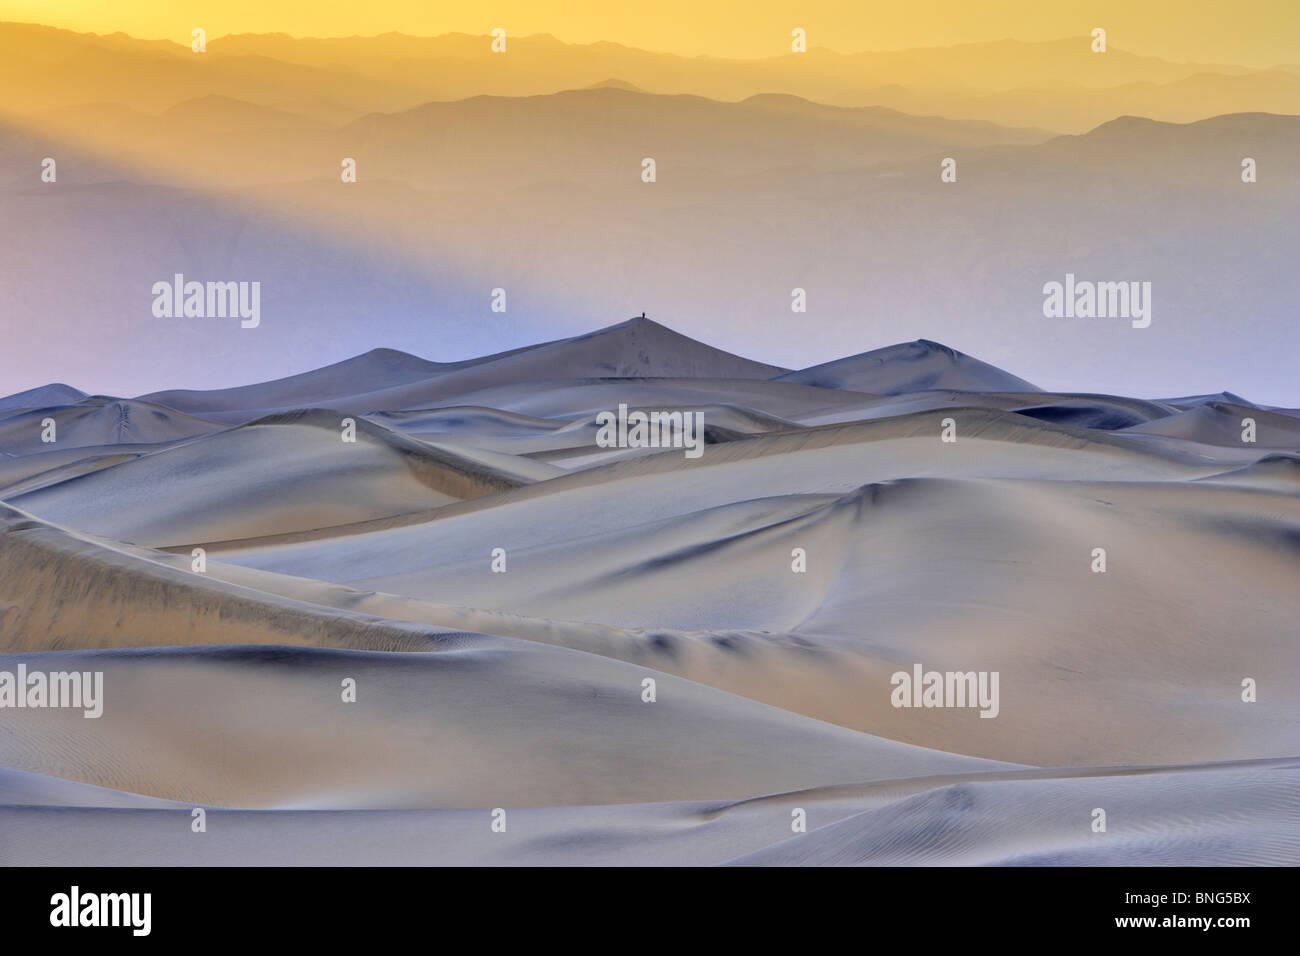 Las dunas de arena en un desierto de dunas planas, Mesquite, el Valle de la muerte, la gama Panamint, California, Foto de stock